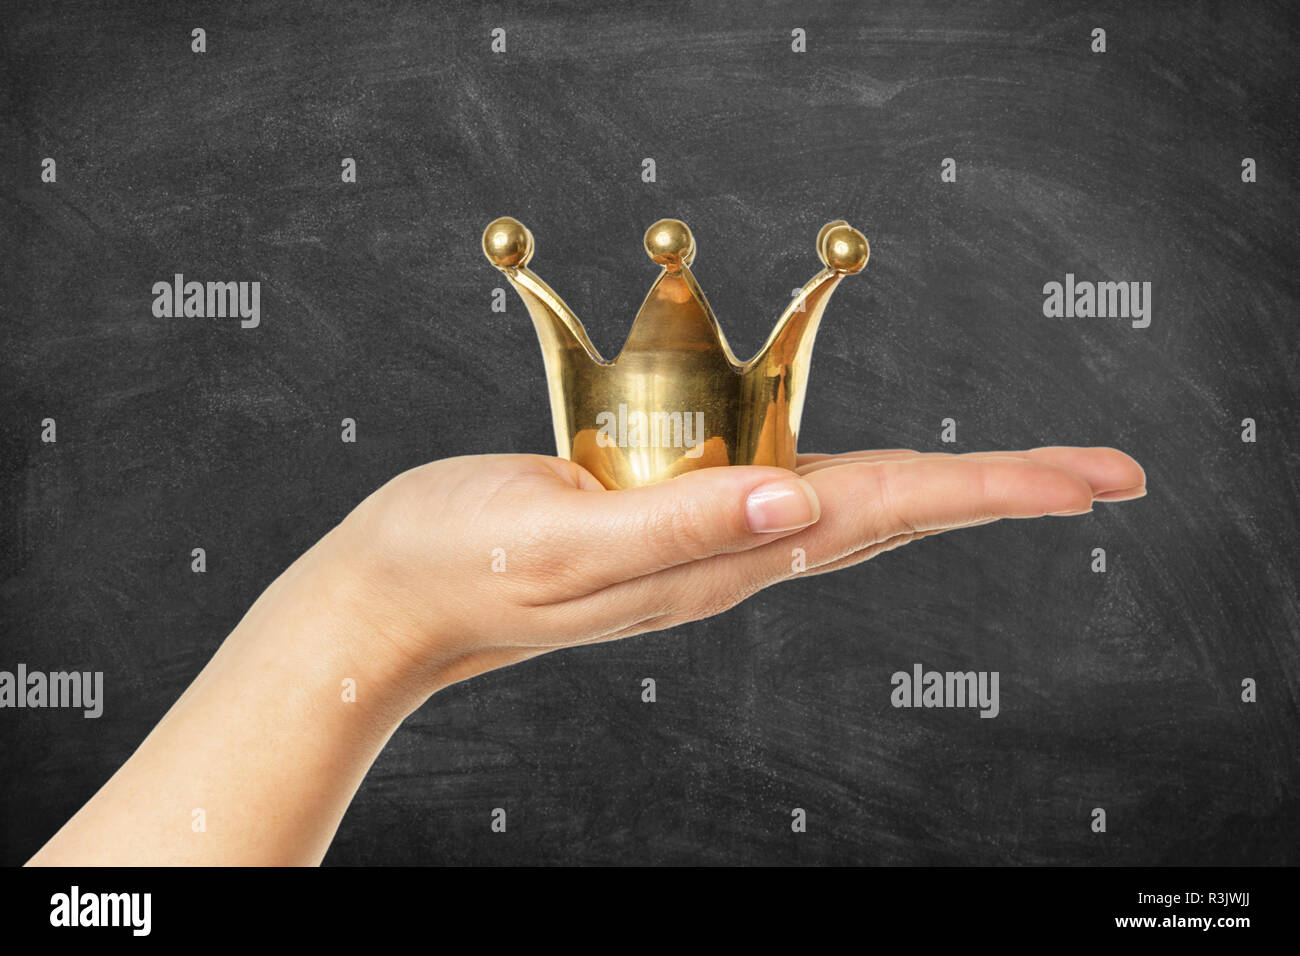 Femme main tenant couronne d'or en face d'un tableau arrière-plan. Concept pour le succès. Photo Stock